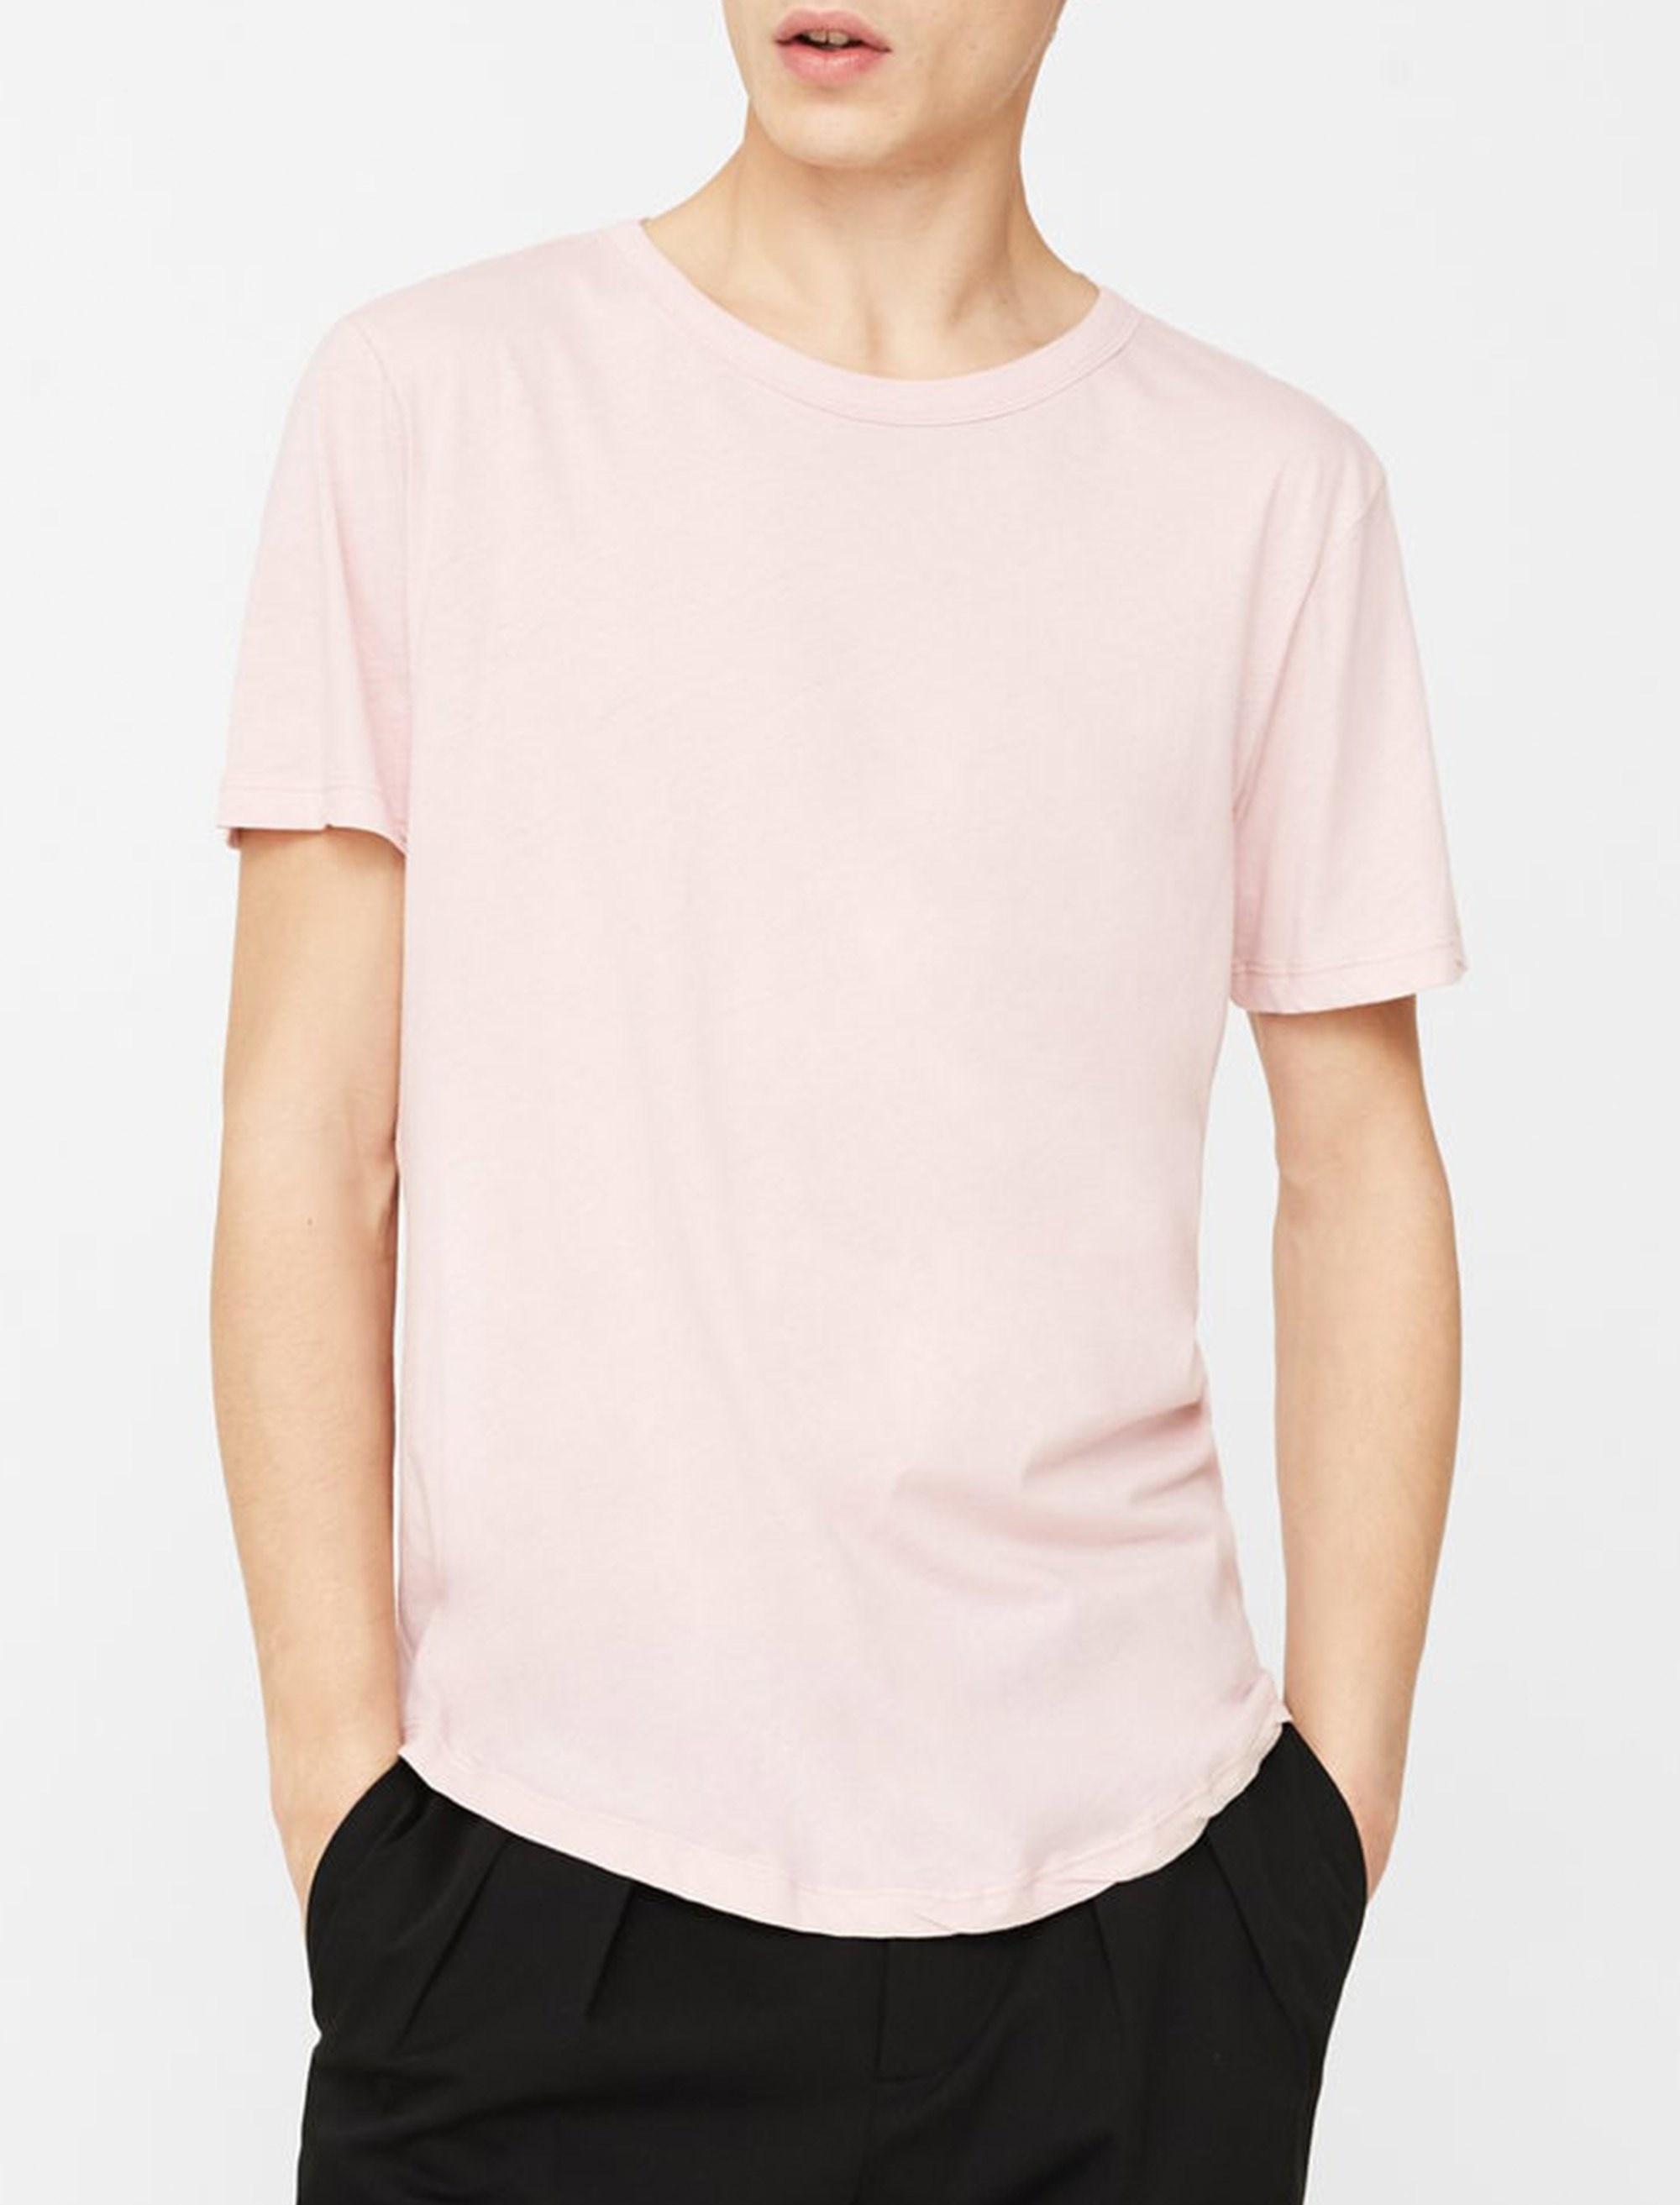 تی شرت نخی یقه گرد مردانه - مانگو - صورتي - 2